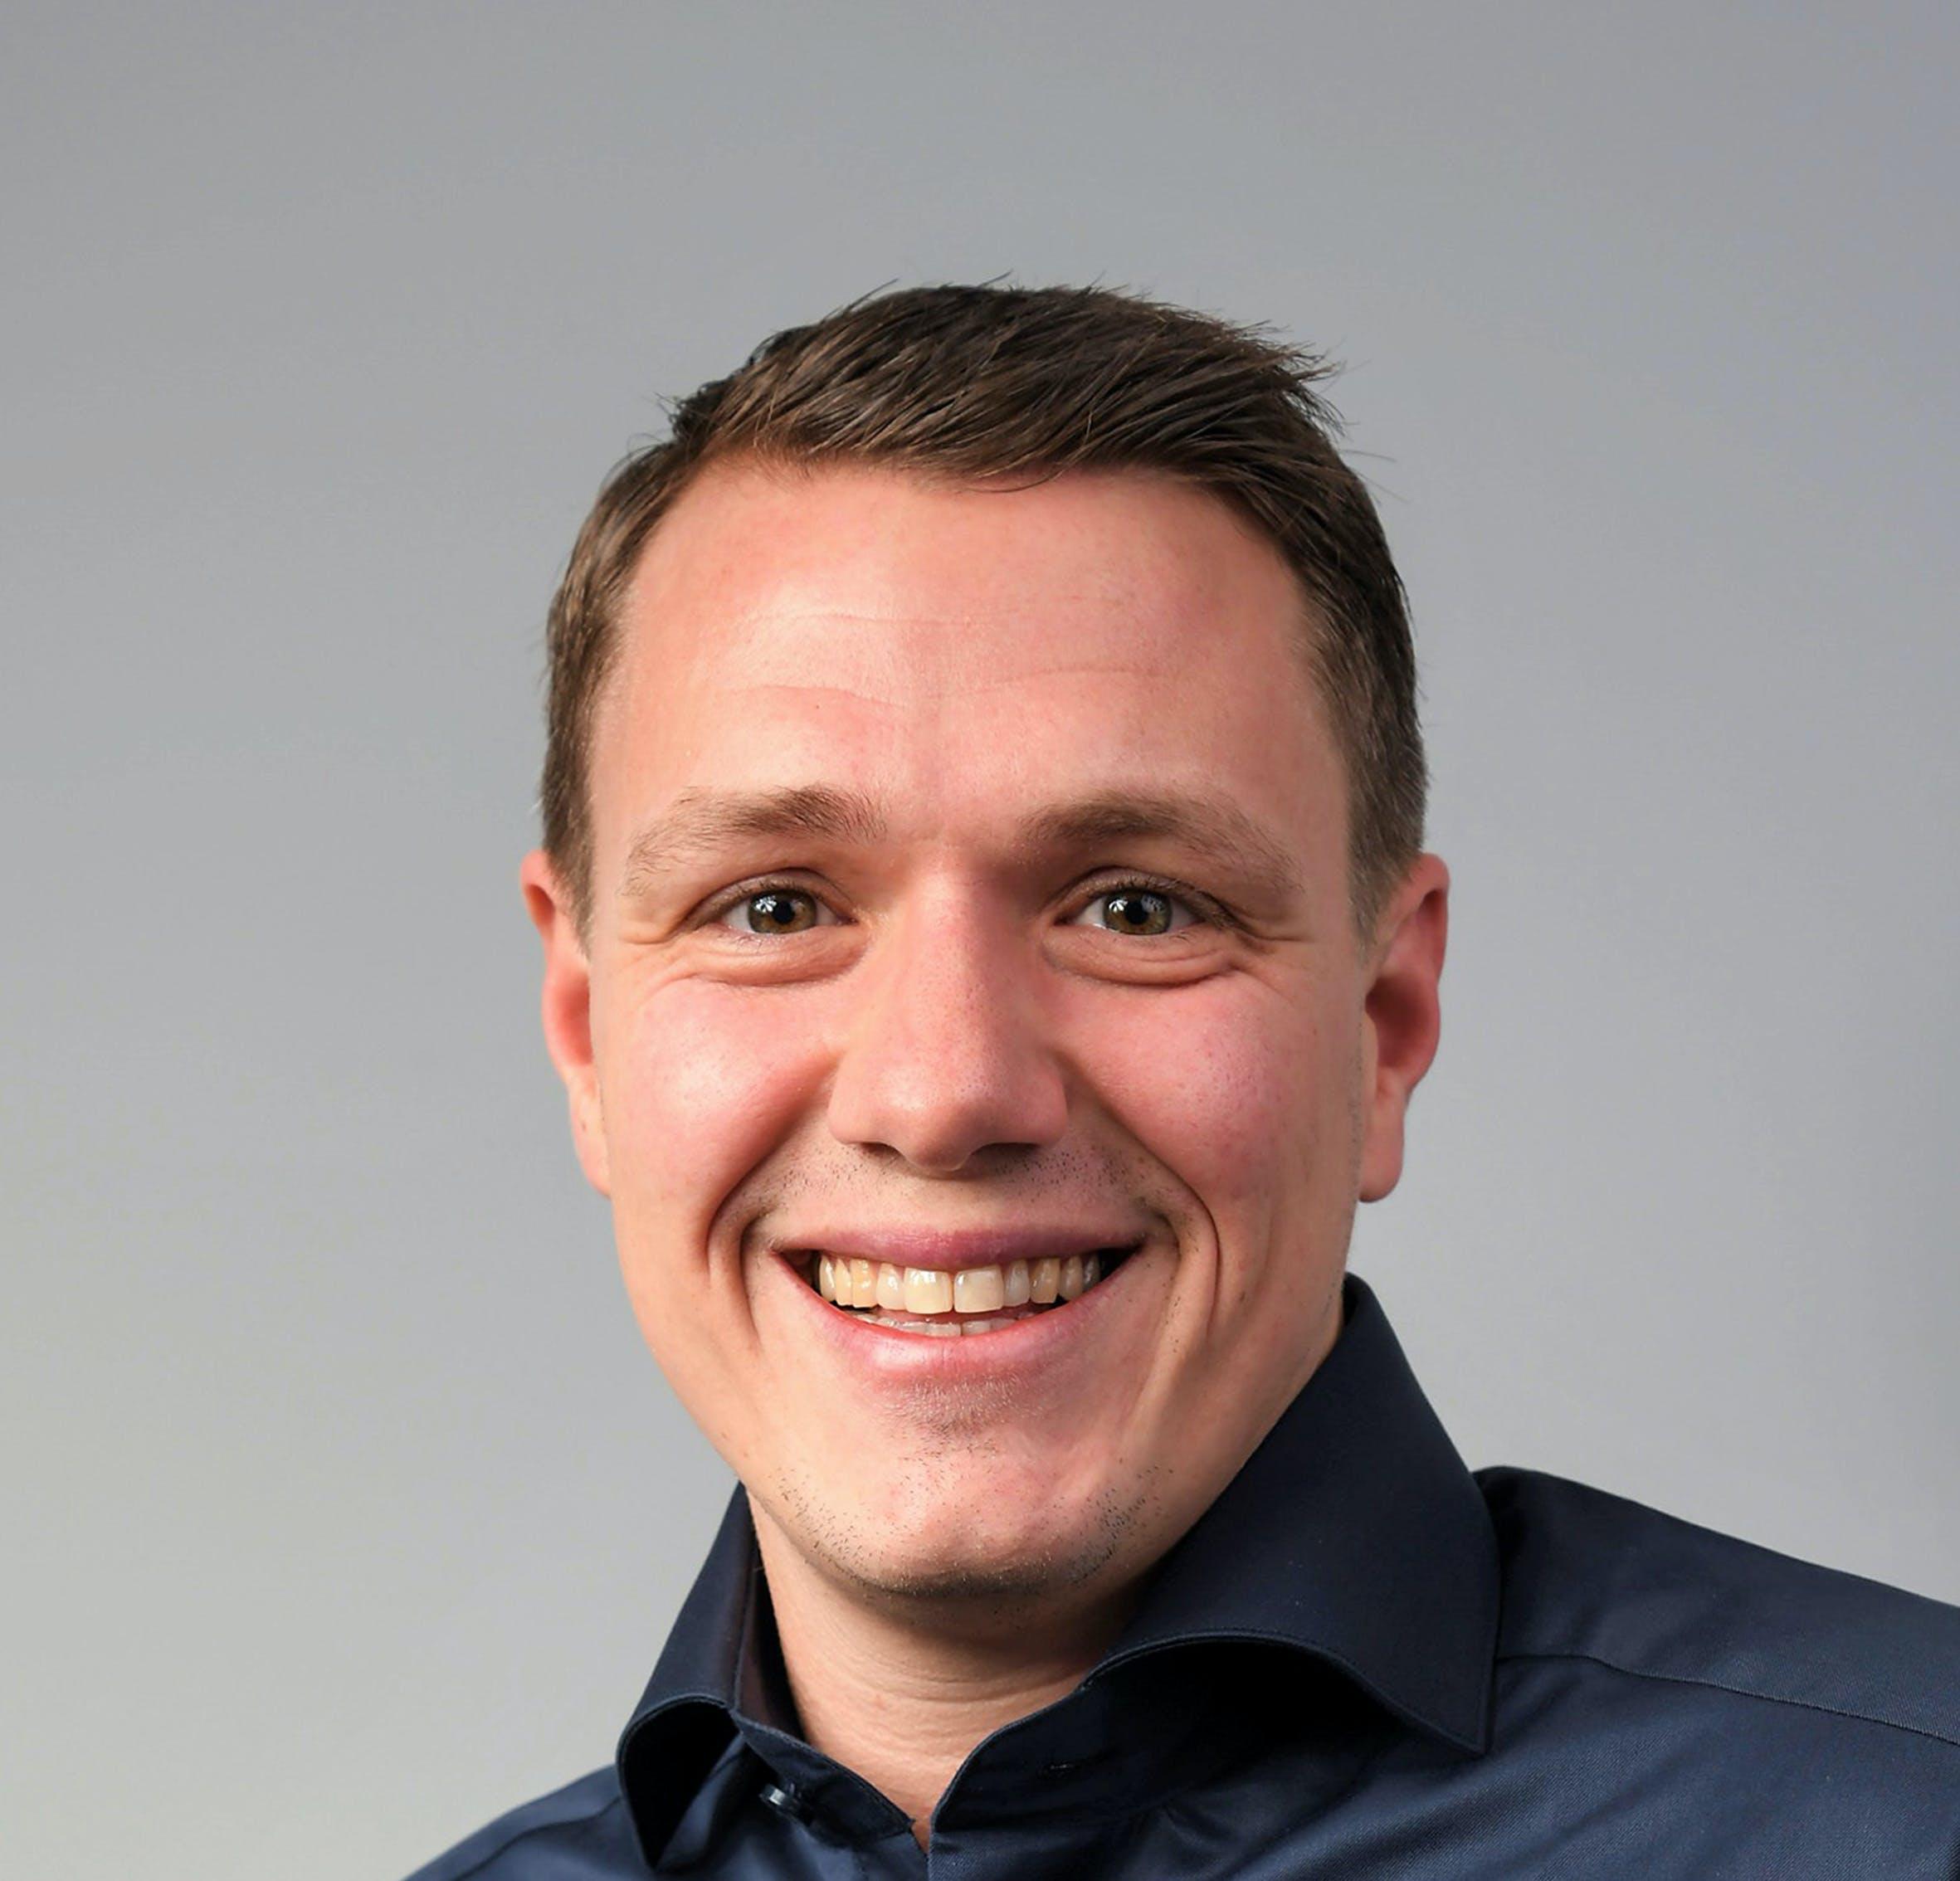 Benny Meeusen